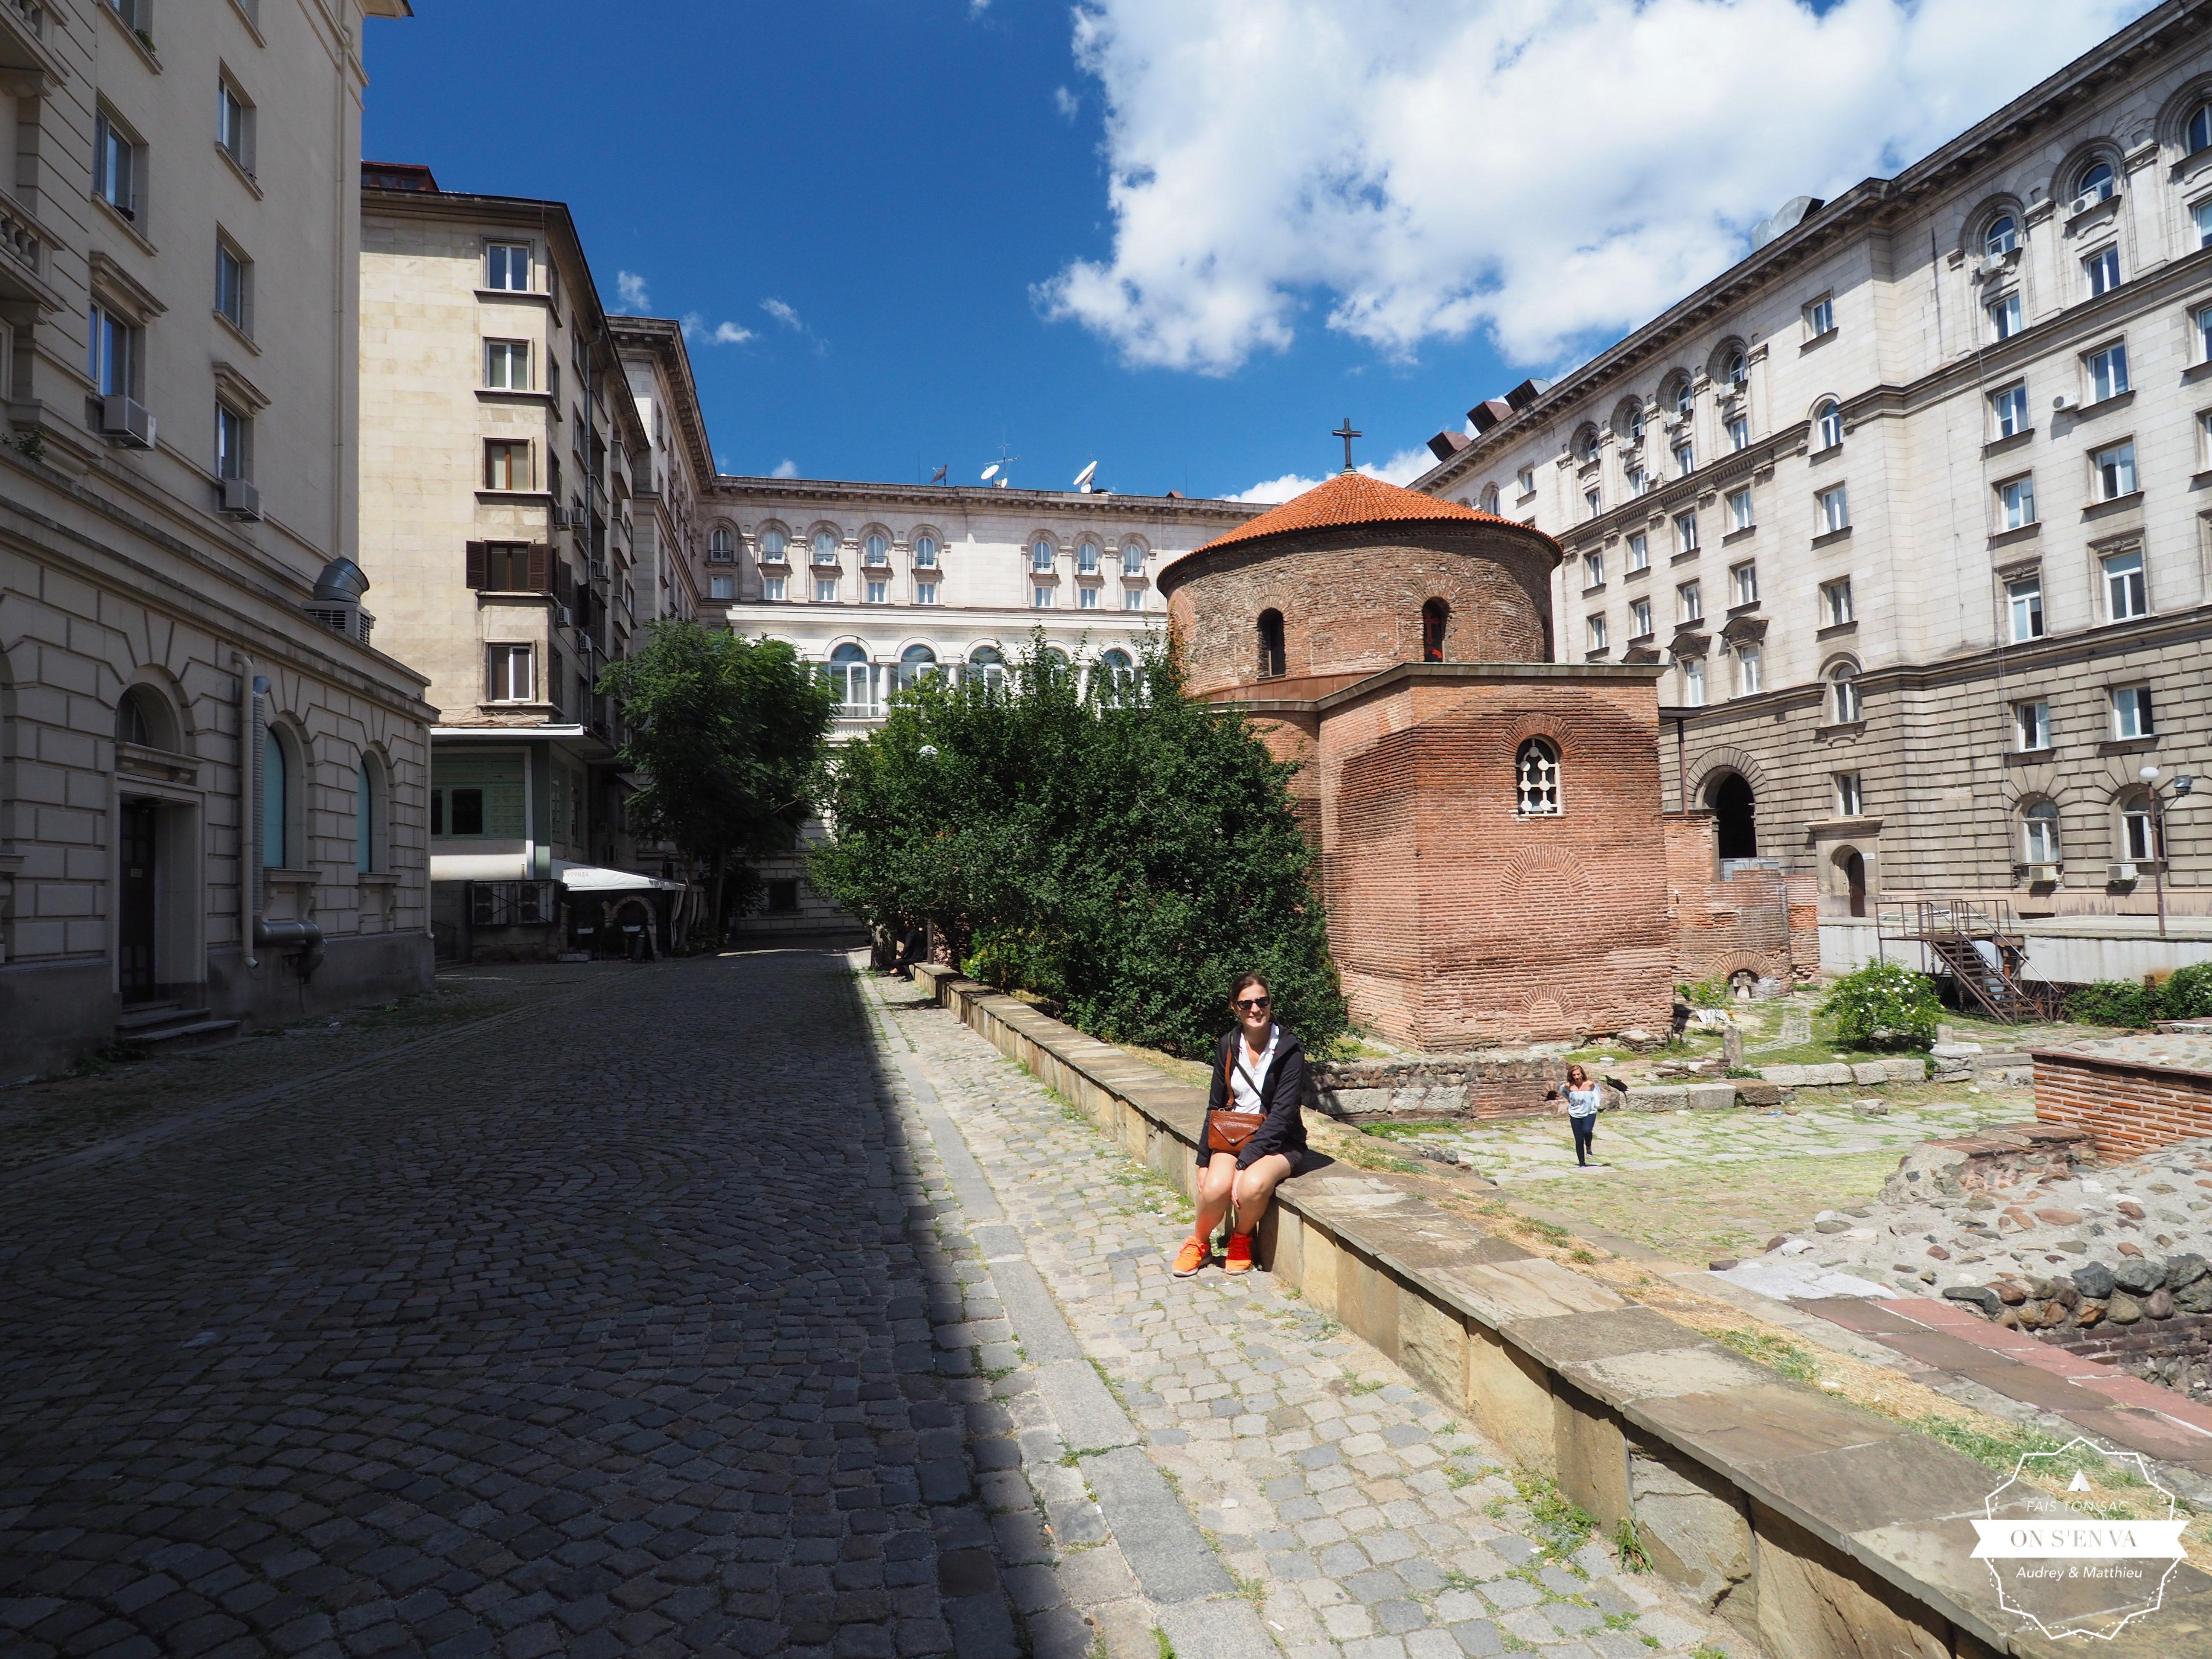 La plus vieille église de la ville